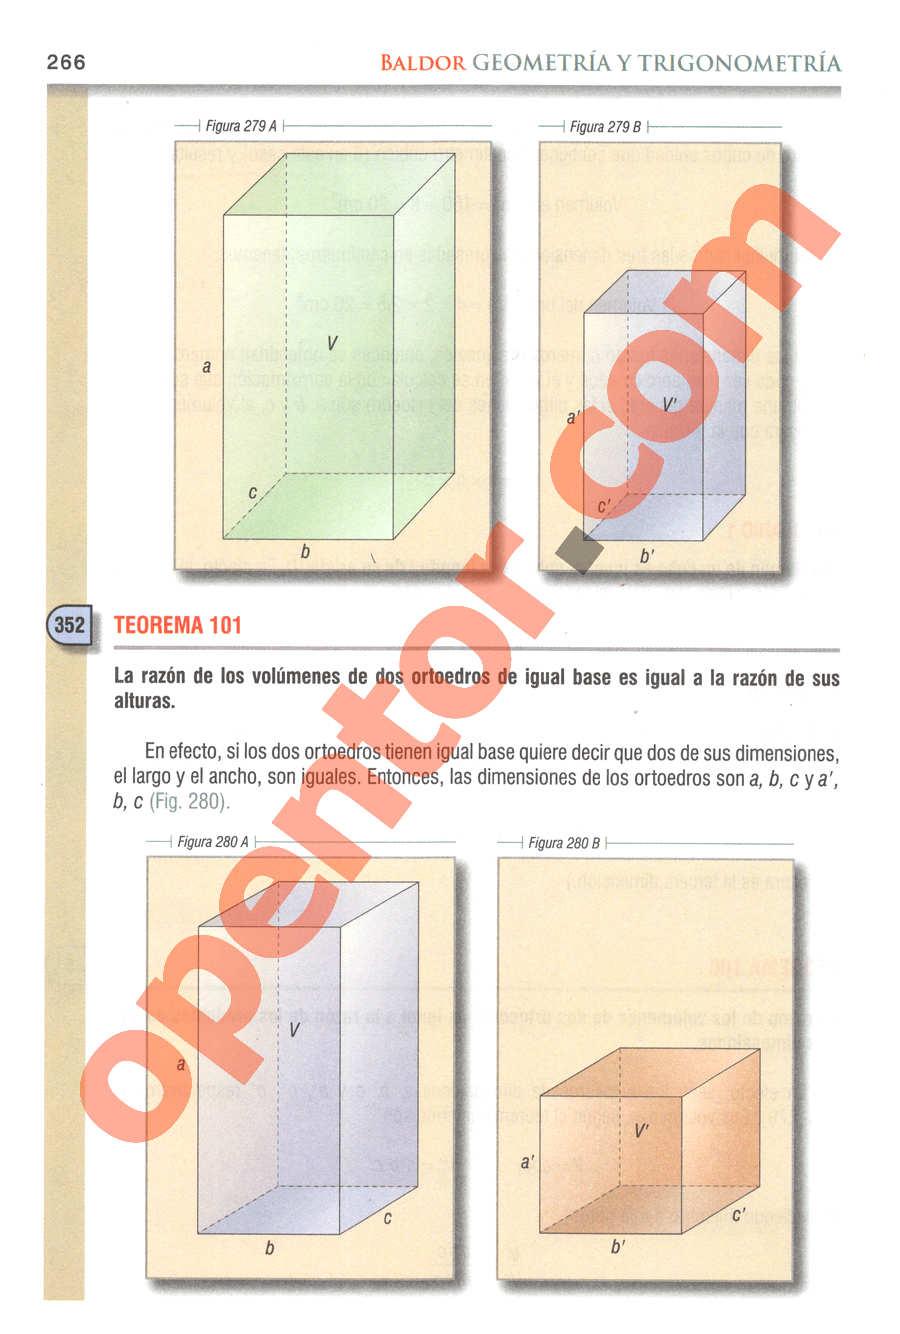 Geometría y Trigonometría de Baldor - Página 266